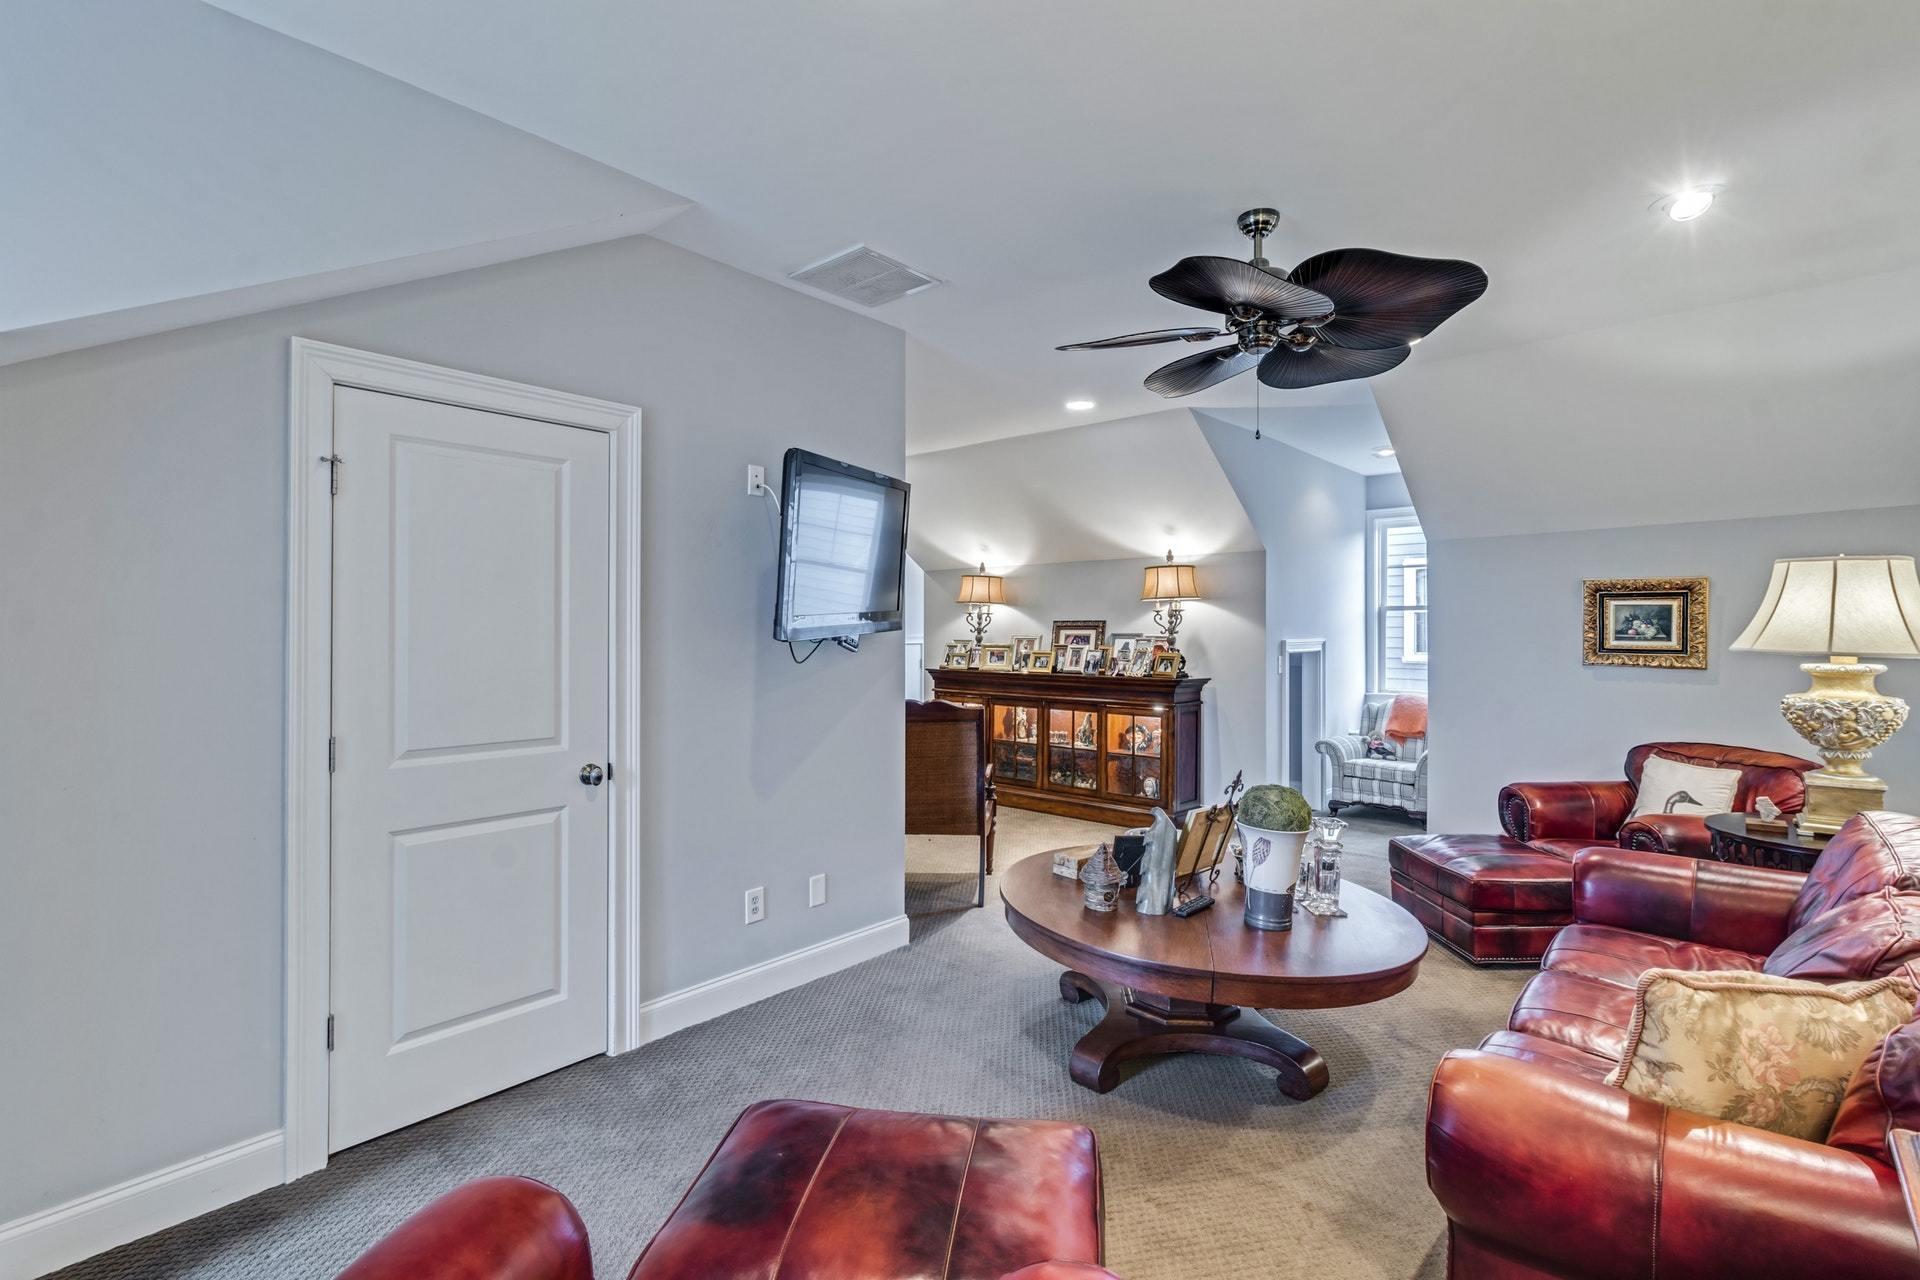 Dunes West Homes For Sale - 2816 River Vista, Mount Pleasant, SC - 34